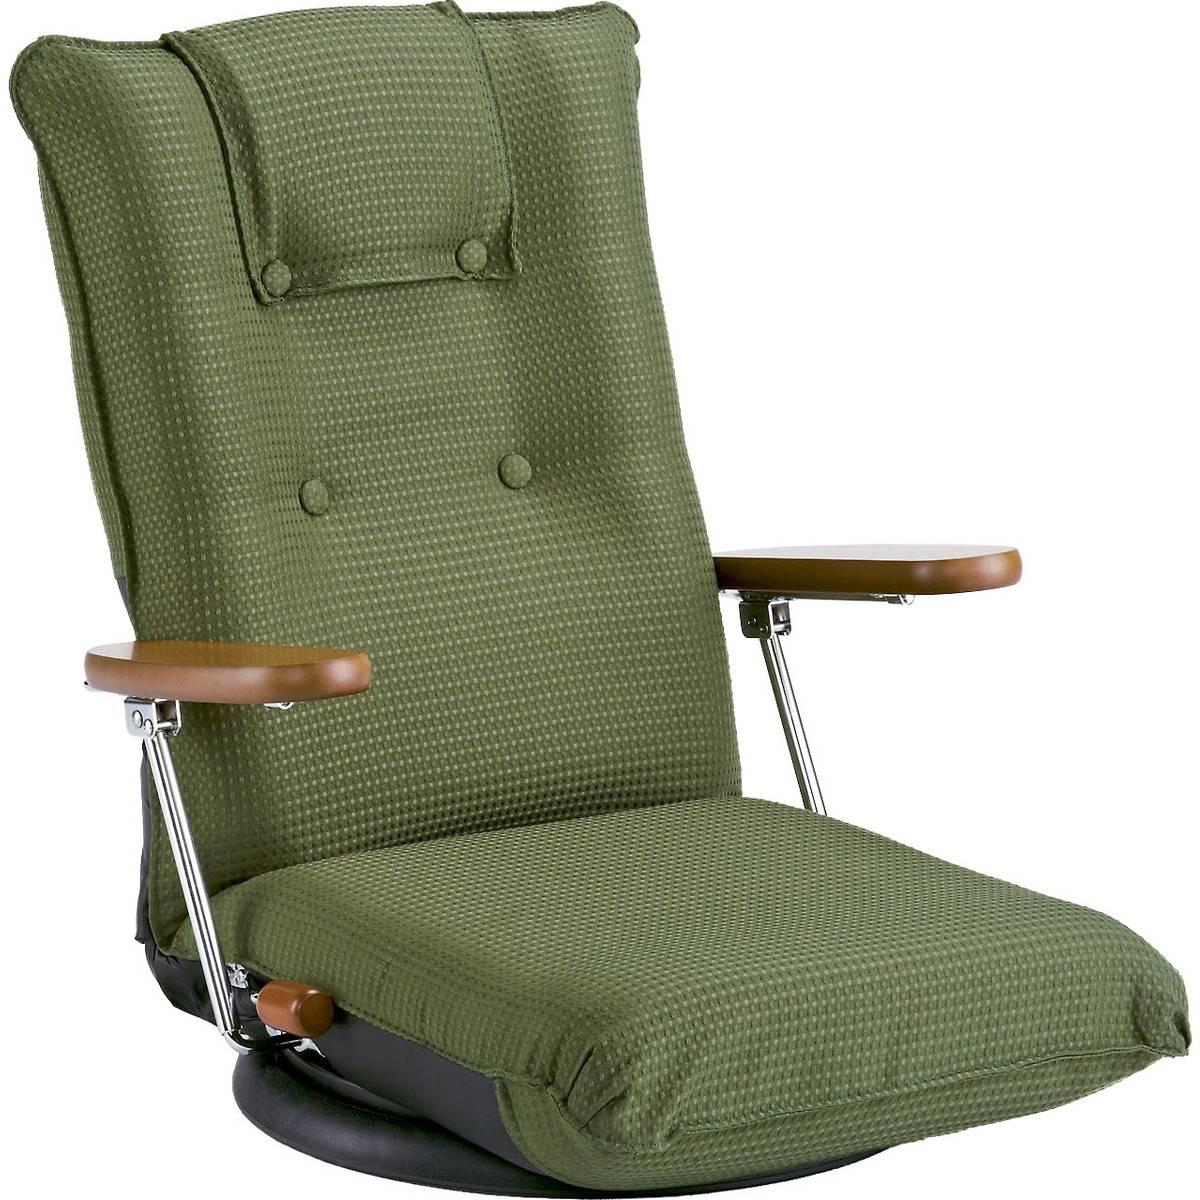 ポンプ肘式 回転座椅子ポンプ肘式 回転座椅子 (グリーン), キサラヅシ:048f6e3d --- data.gd.no